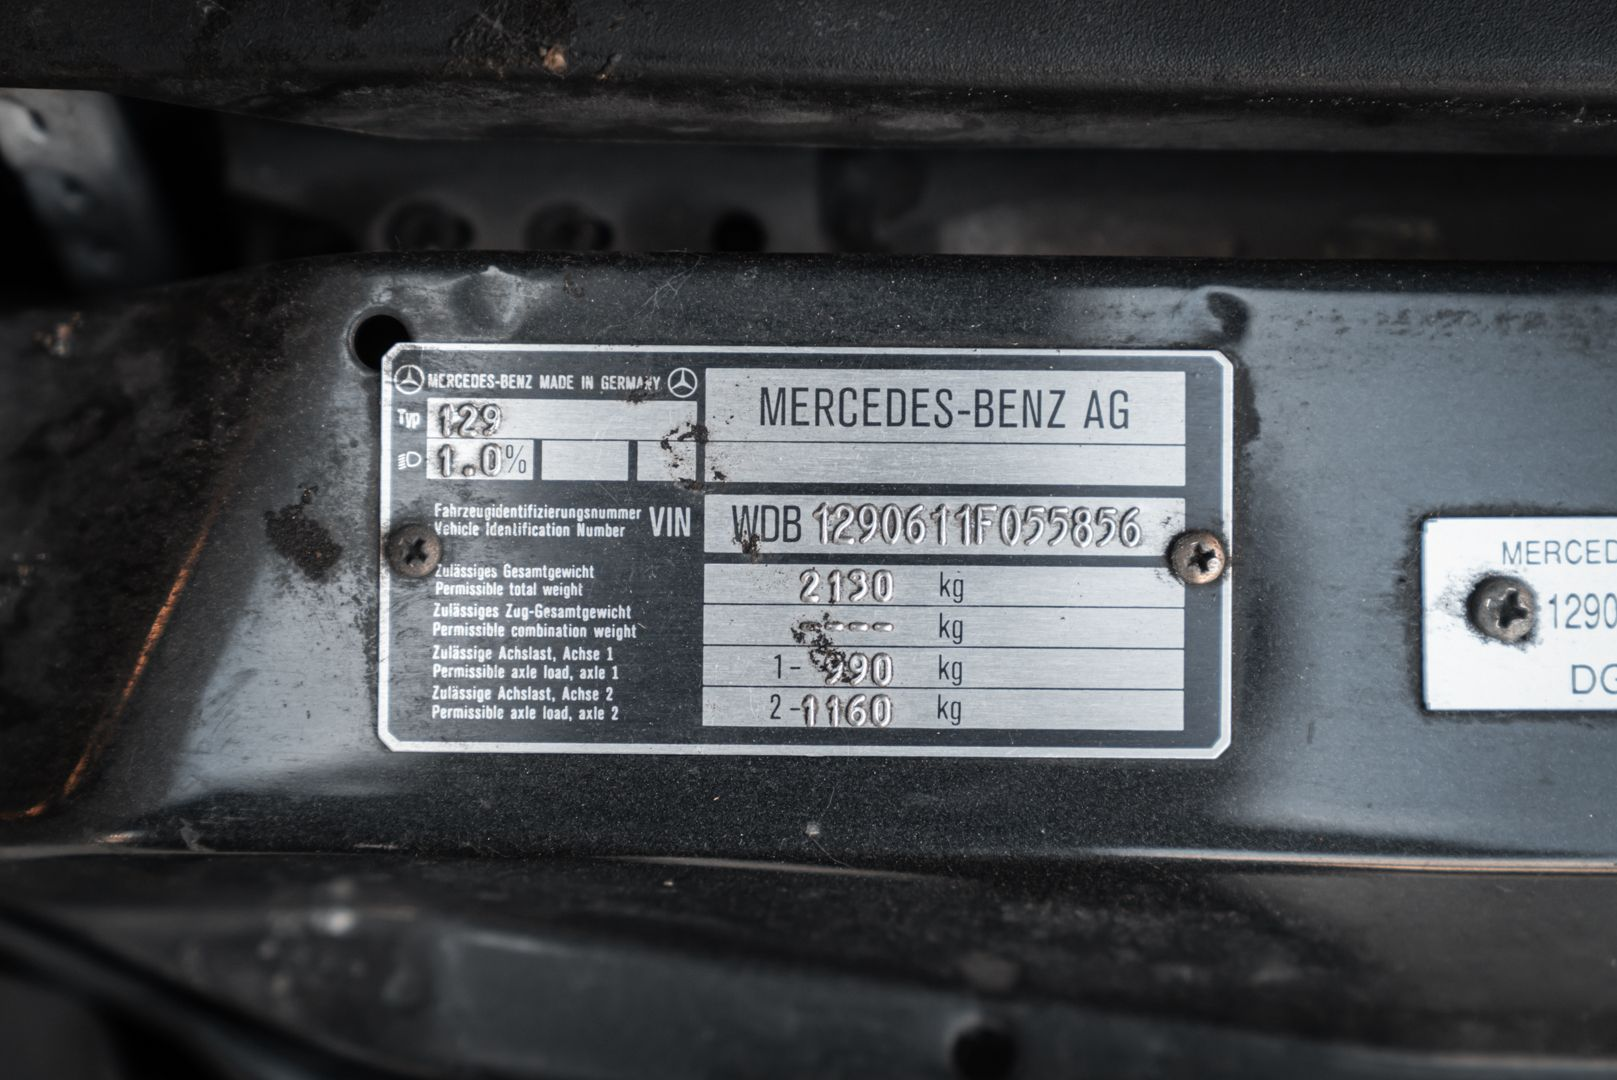 1992 Mercedes Benz 300 SL 24 V 80645